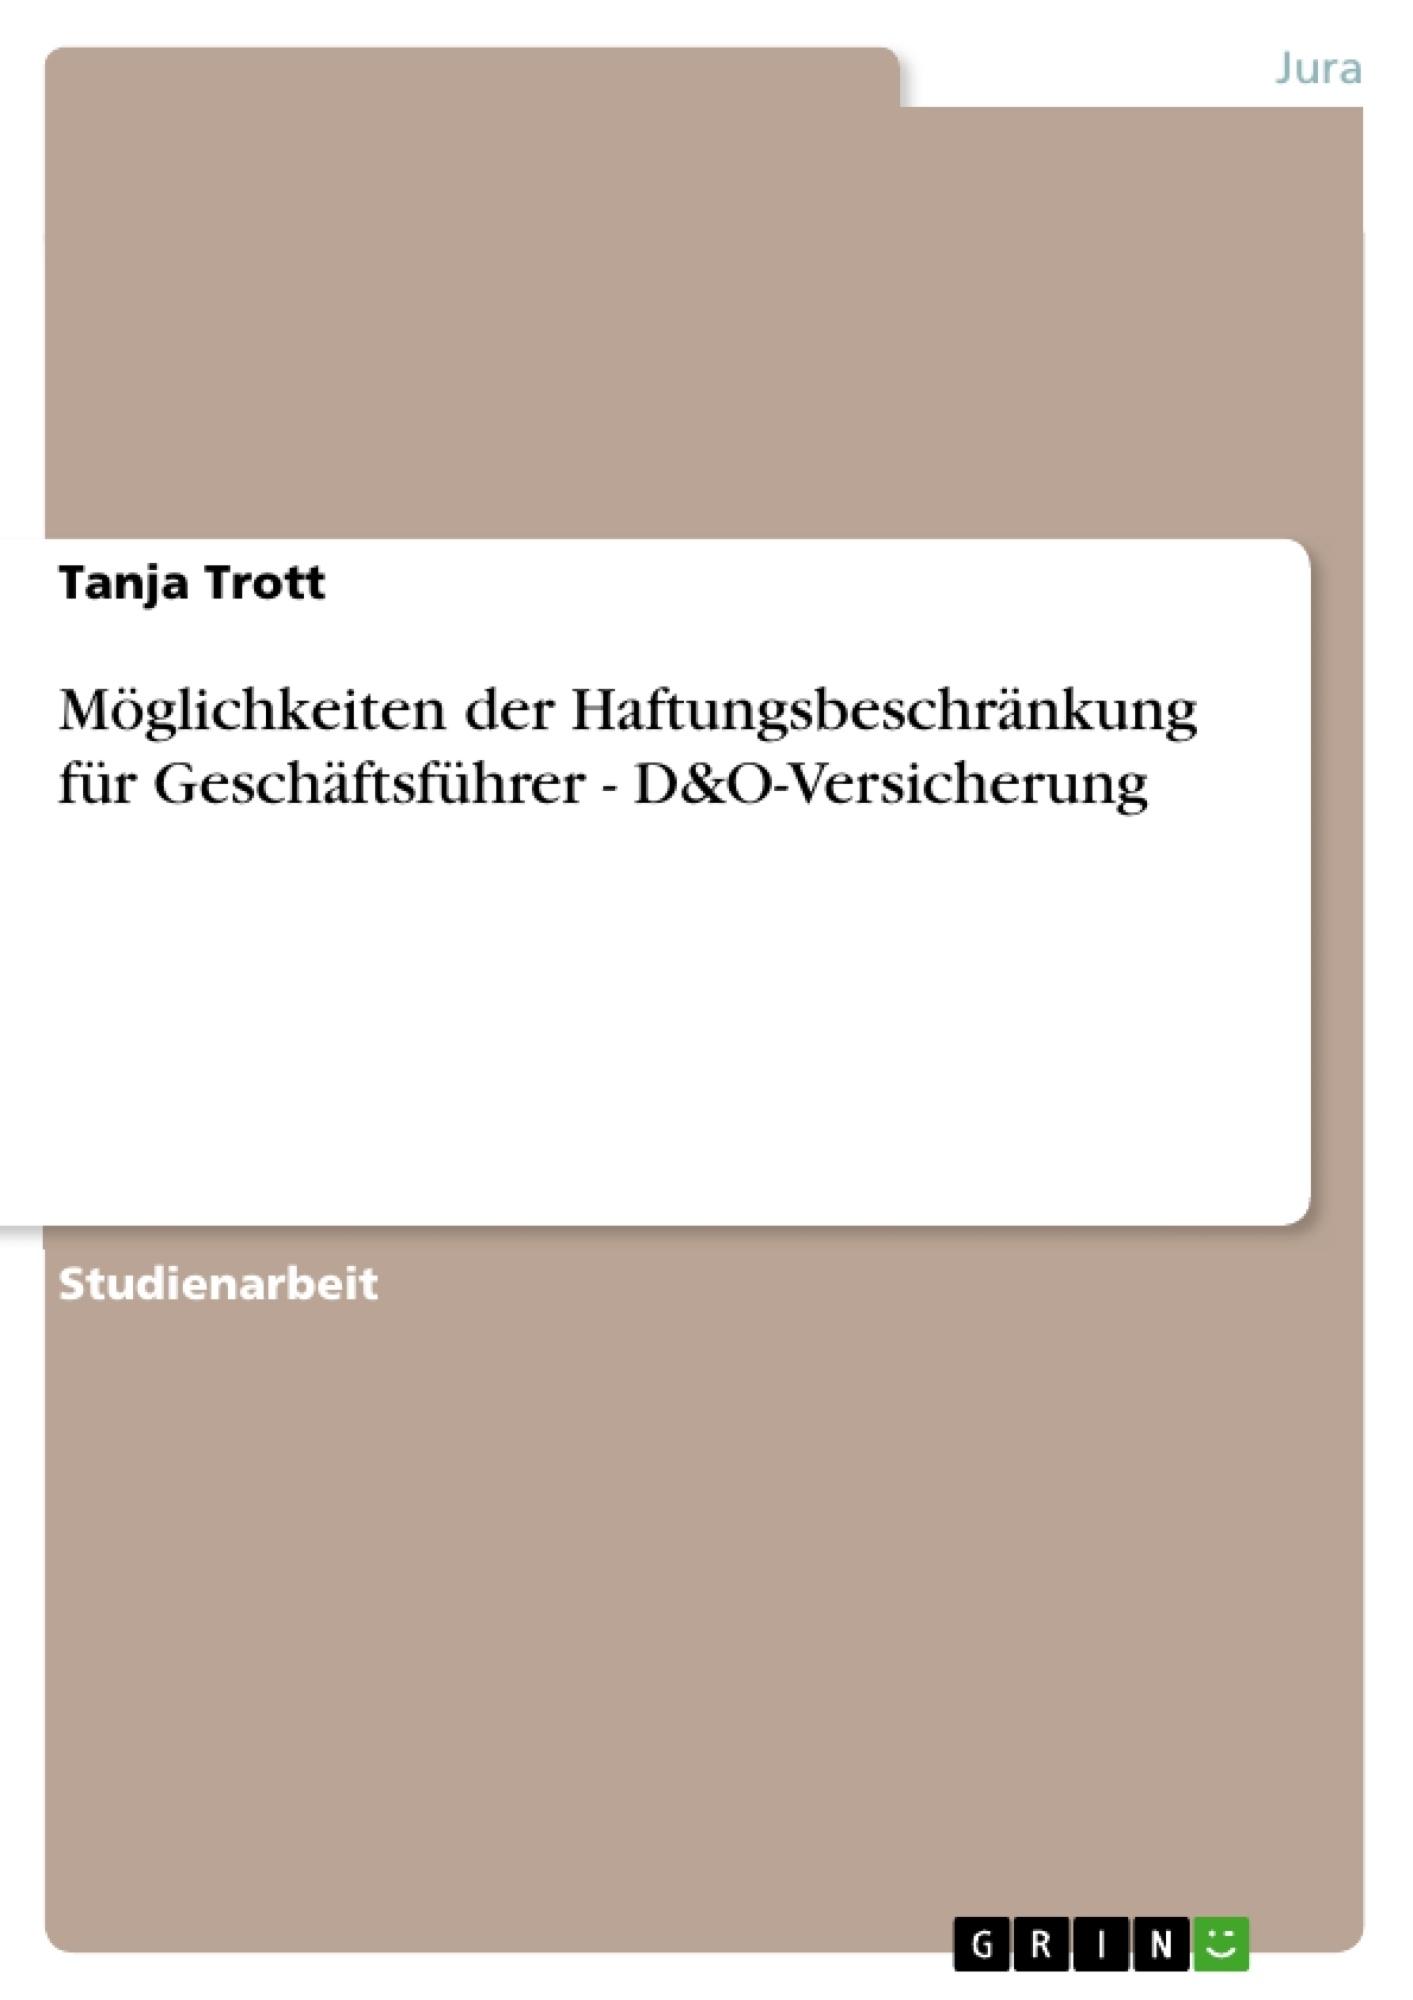 Titel: Möglichkeiten der Haftungsbeschränkung für Geschäftsführer - D&O-Versicherung